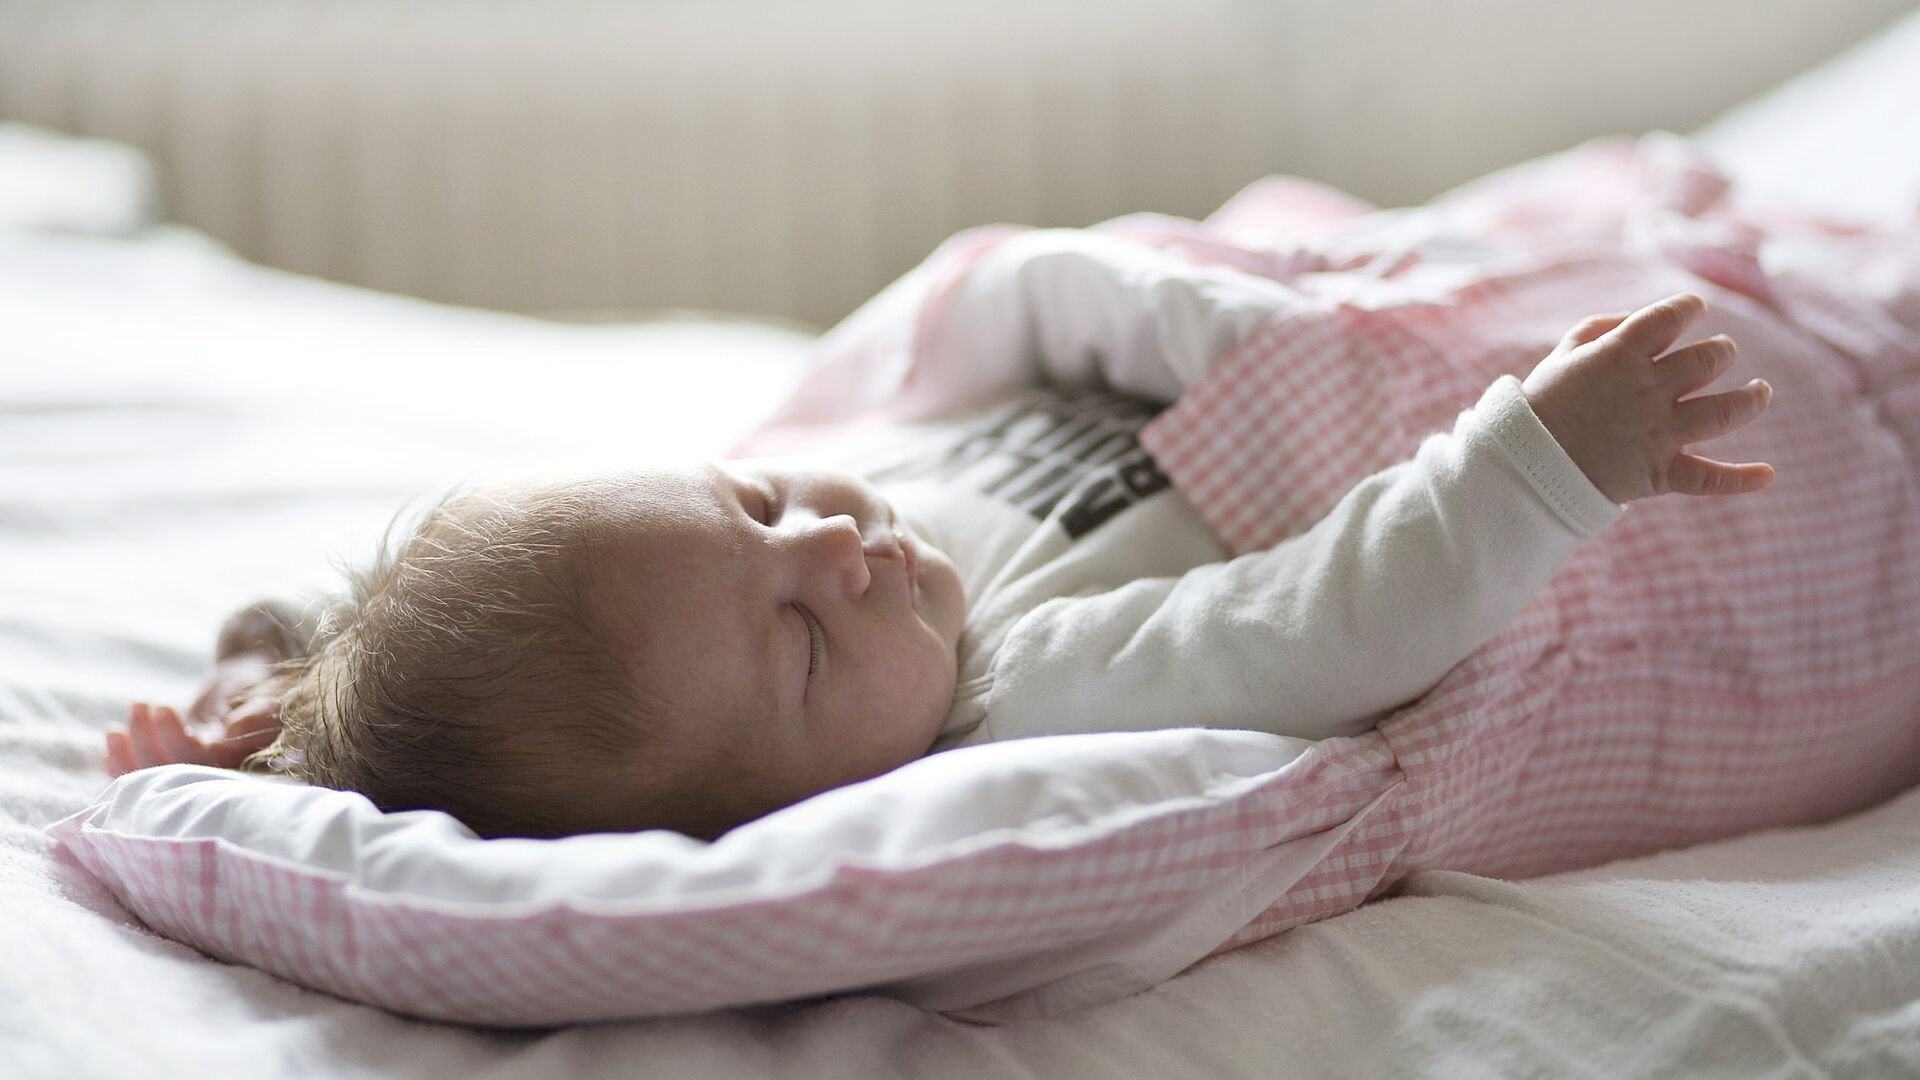 Новорожденный ребенок - РИА Новости, 1920, 07.03.2021